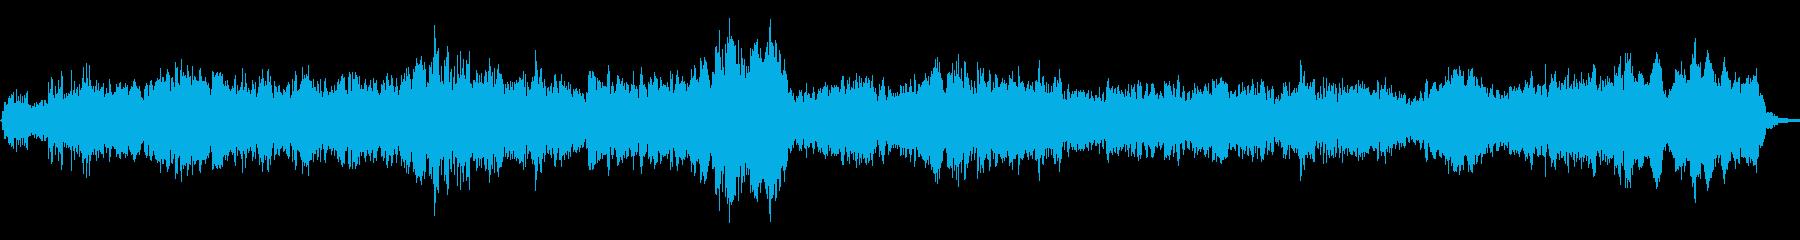 深海をイメージした幻想的なアンビエントの再生済みの波形